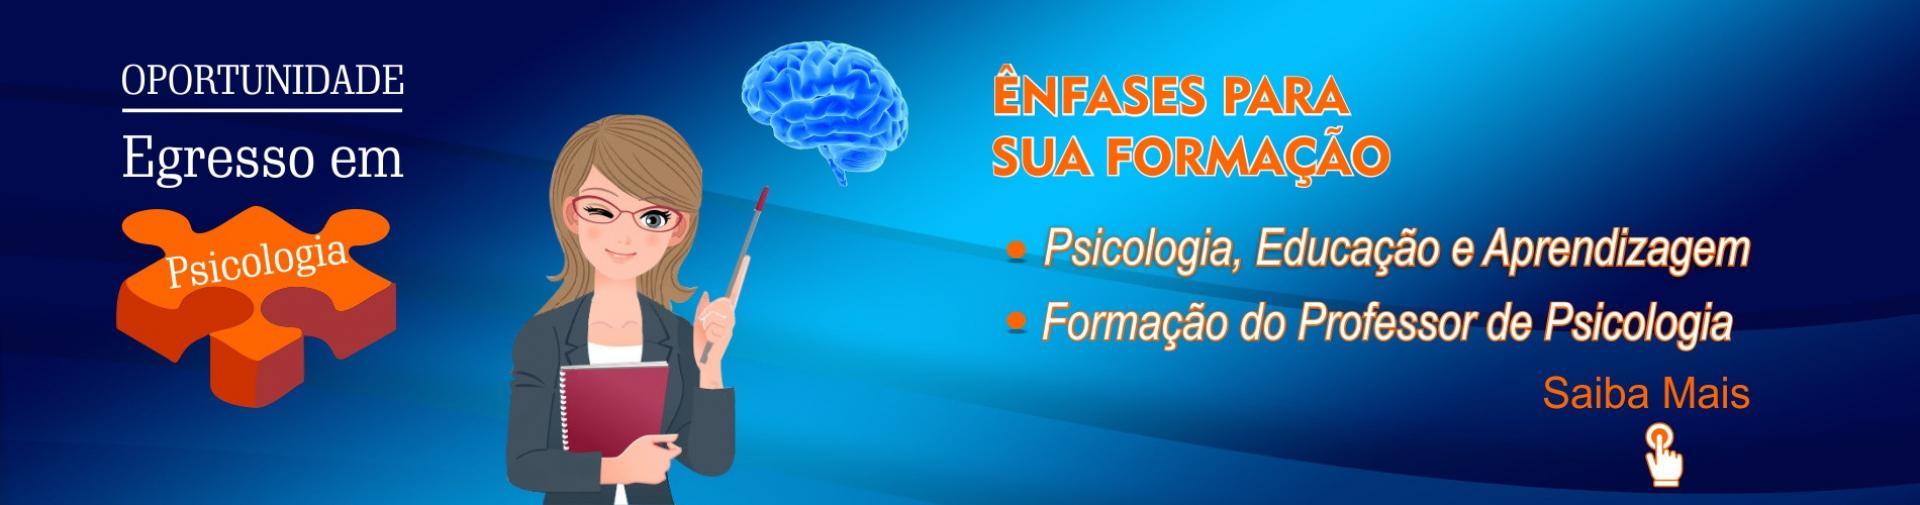 Ênfases psicologia